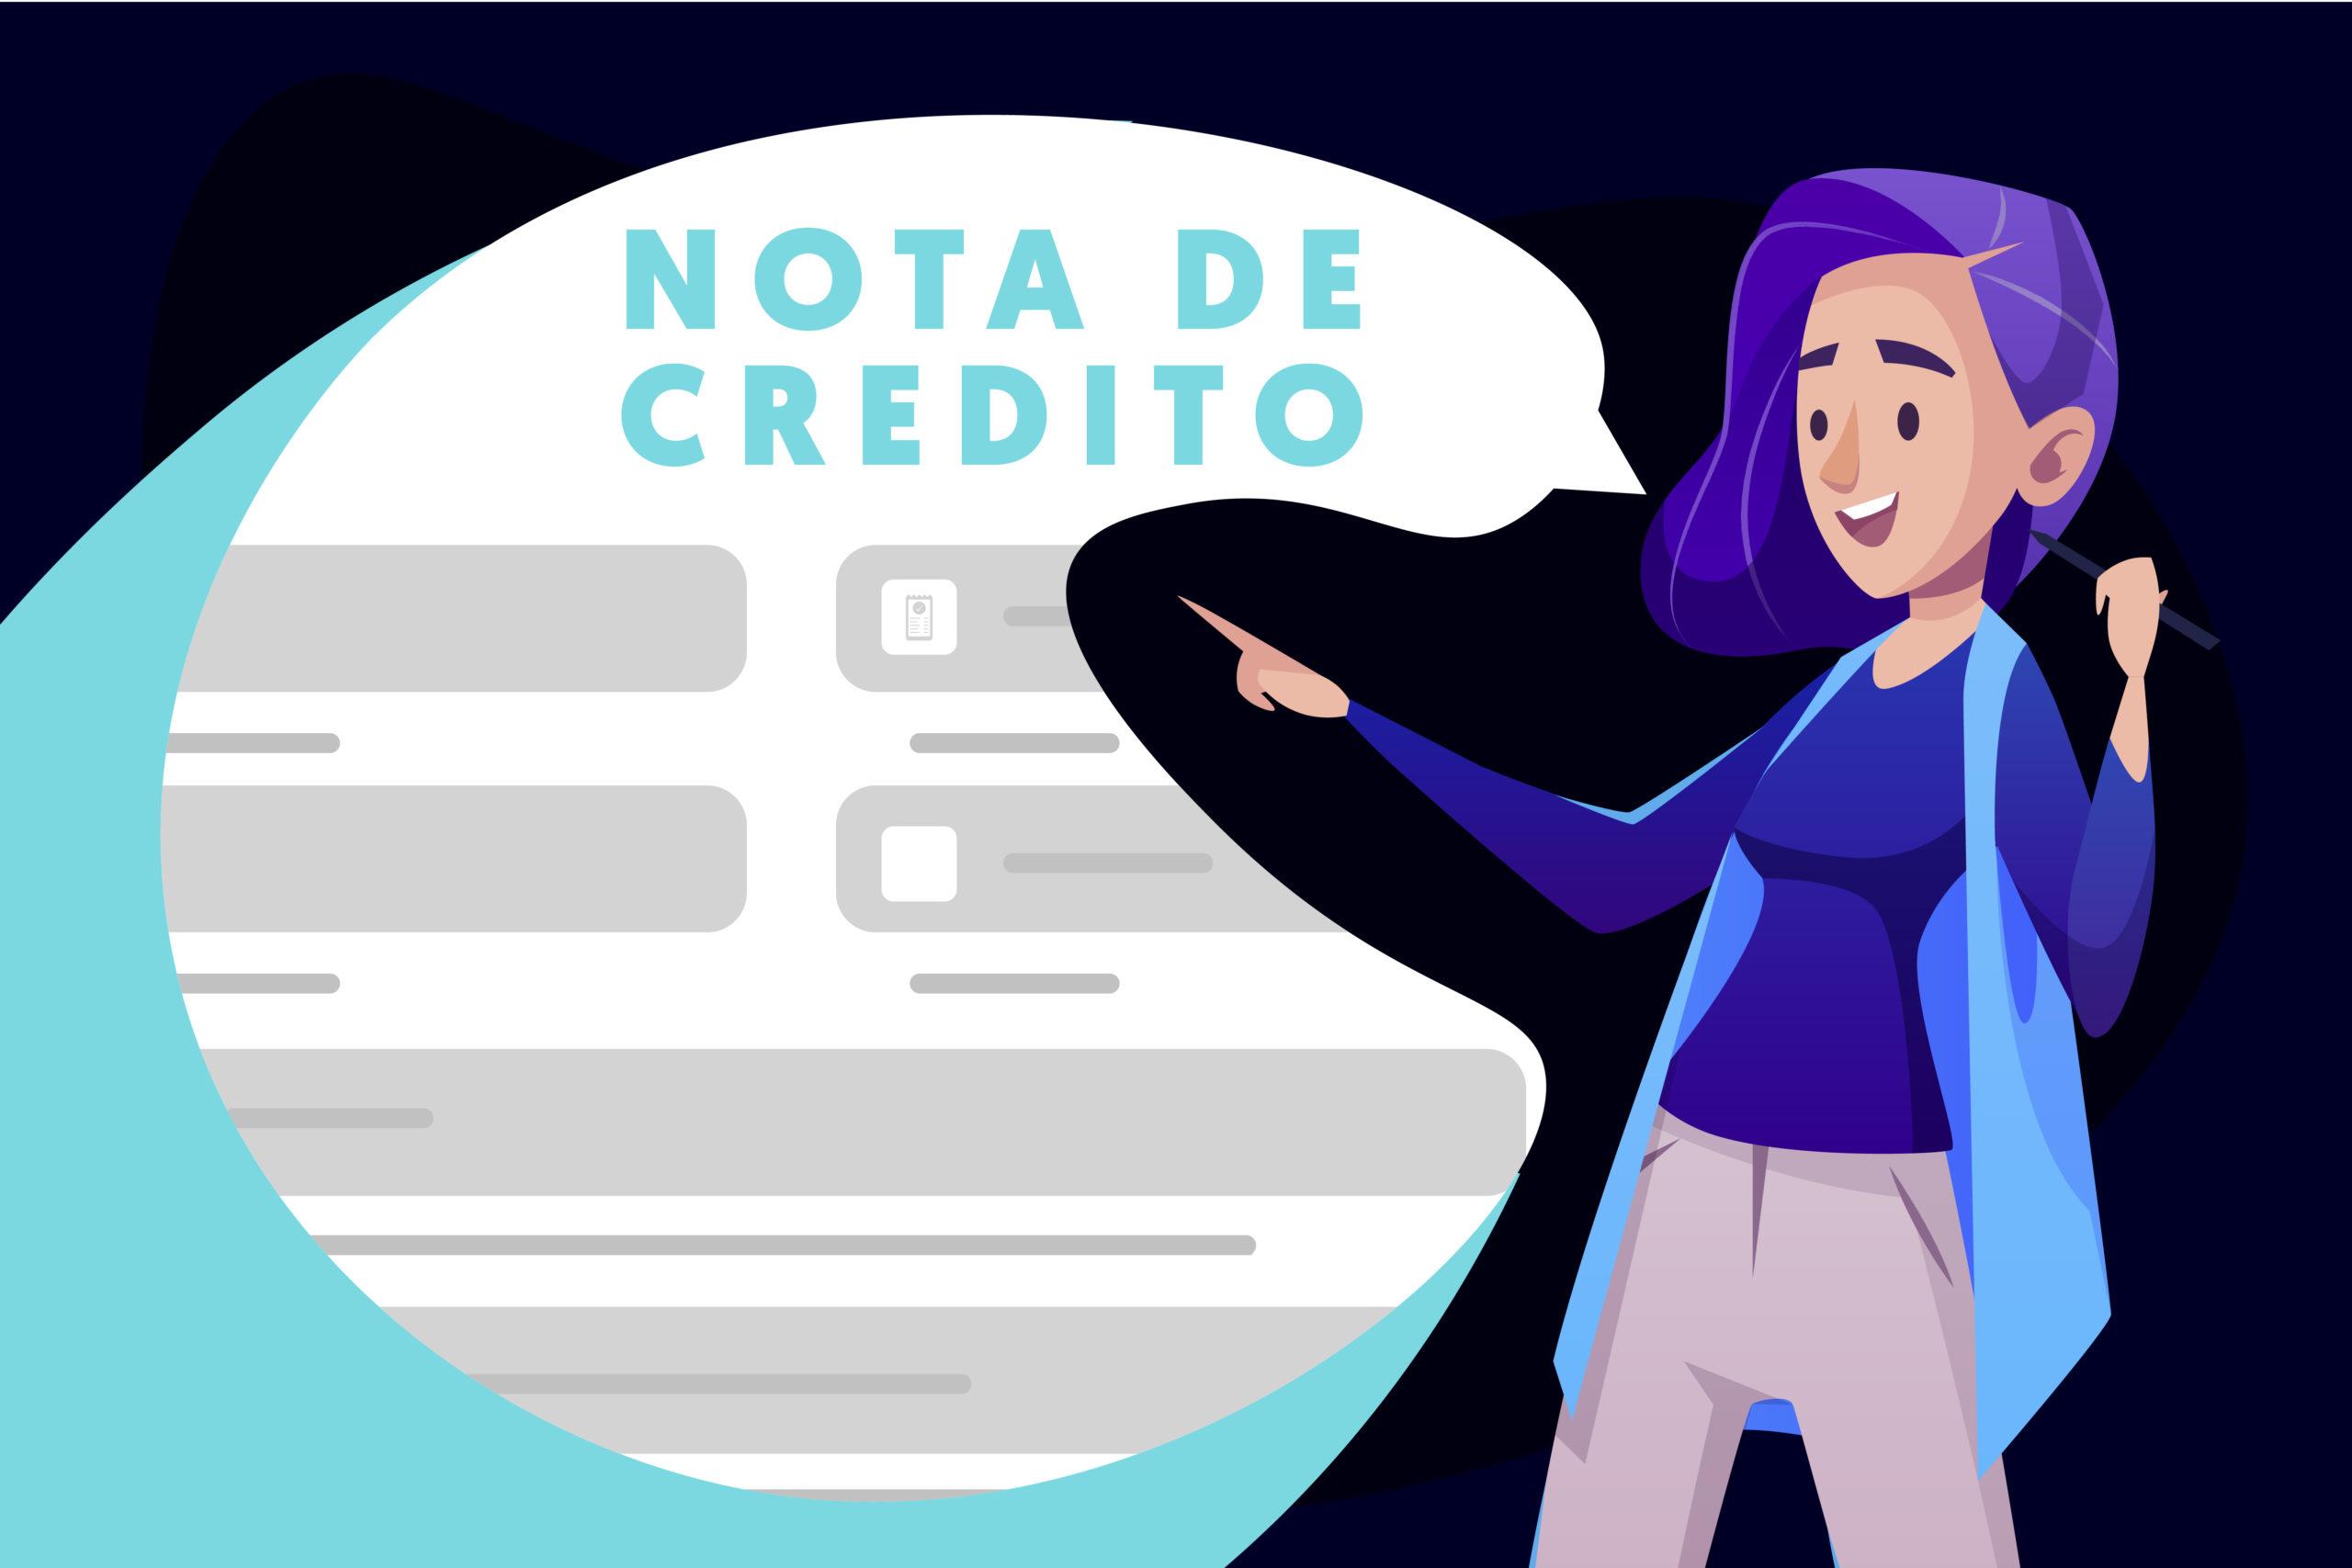 como hacer una nota de credito